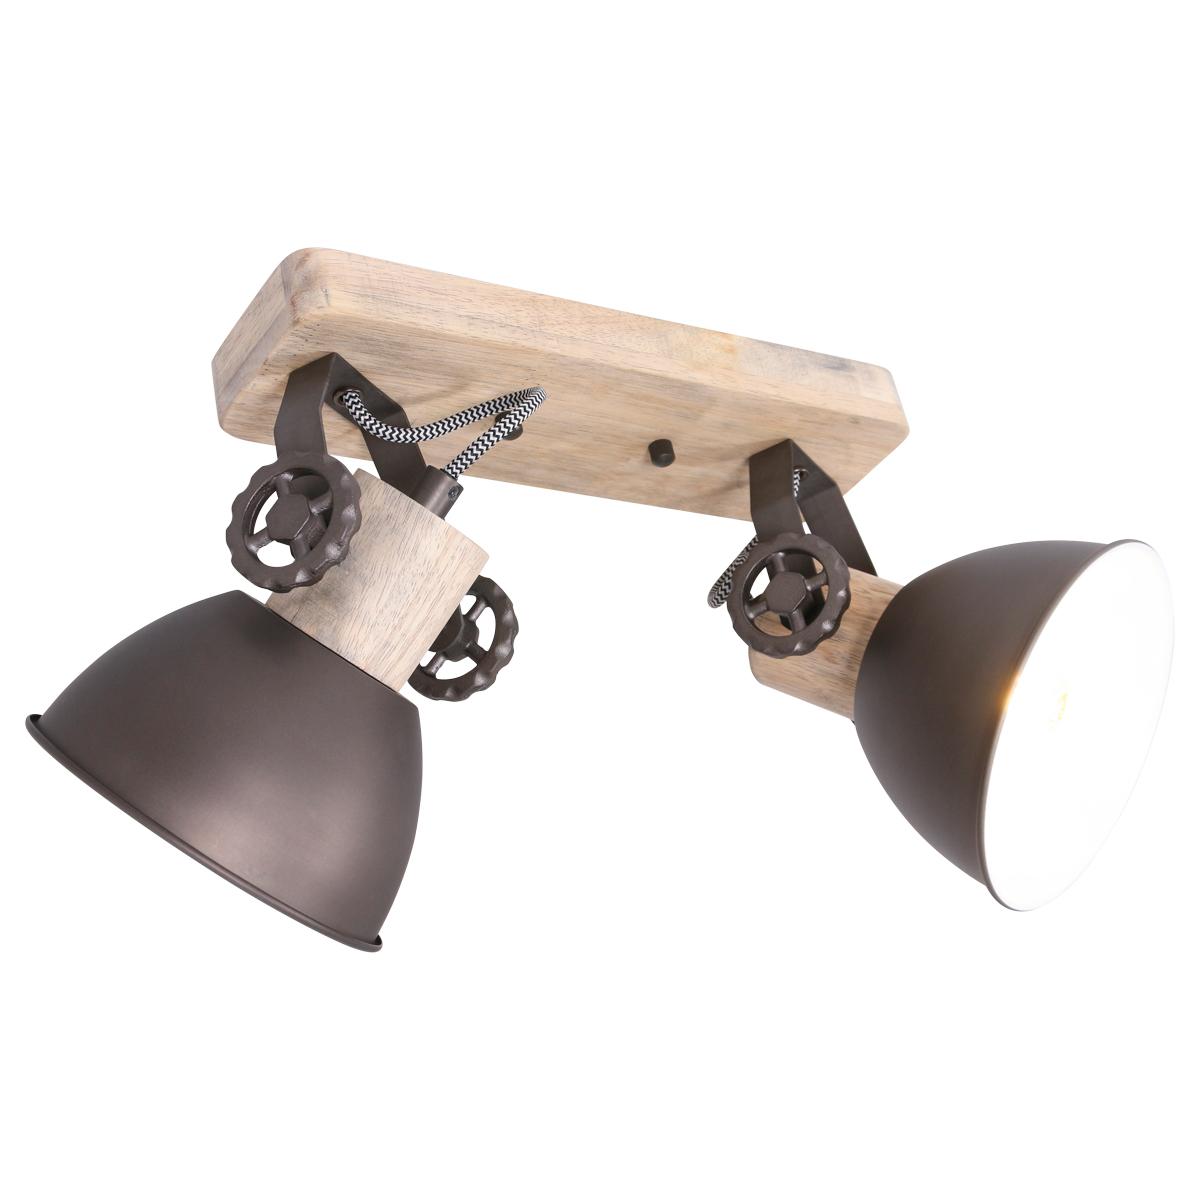 industrieller Deckenstrahler aus Holz, 2-flammig, dreh- und kippbar, verstellbar über Einstellräder, in 4 Farben, E27